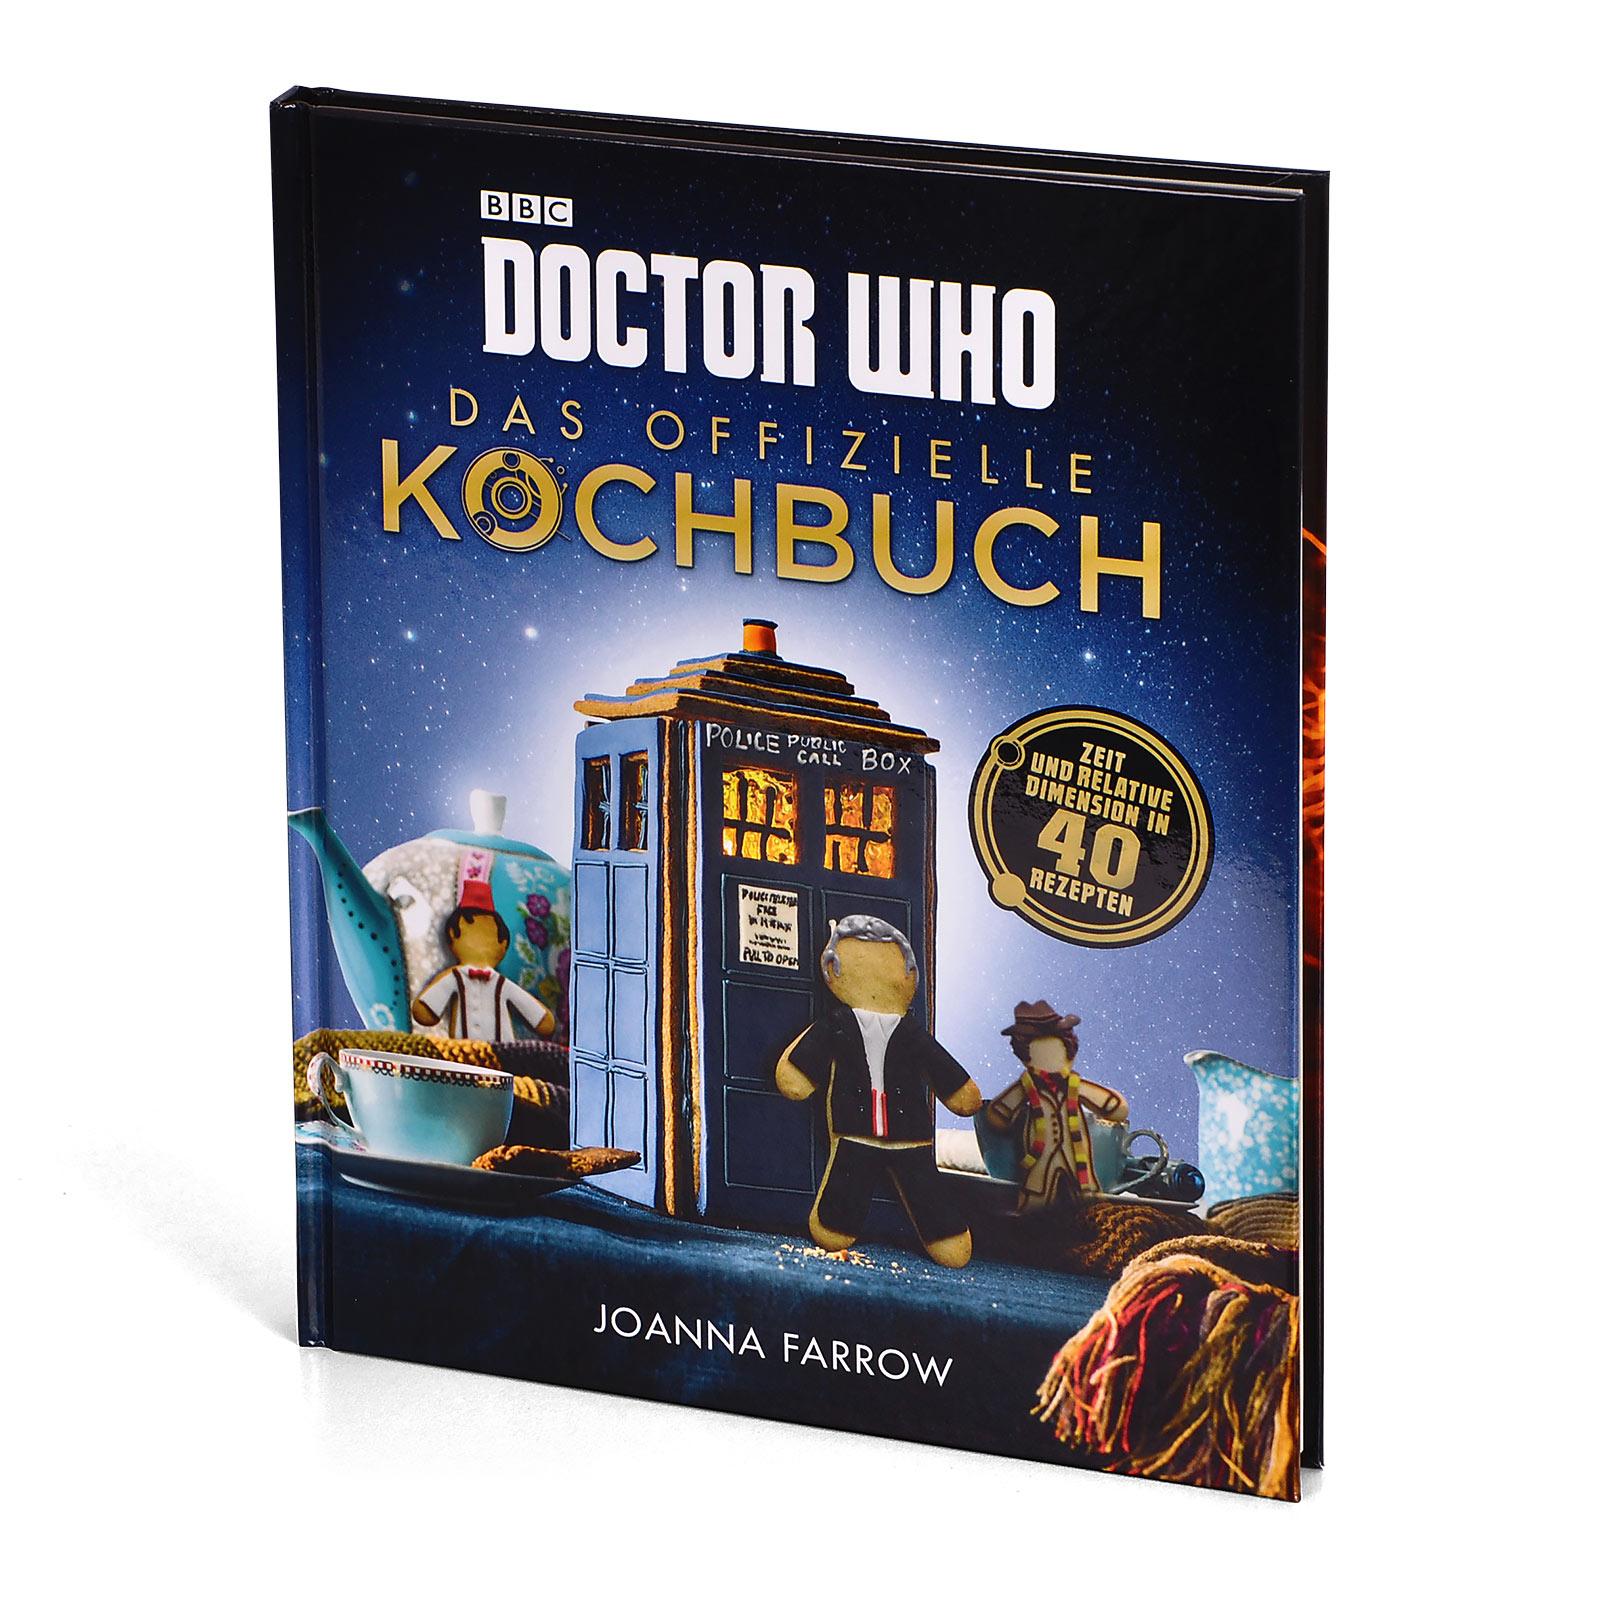 Doctor Who - Das offizielle Kochbuch